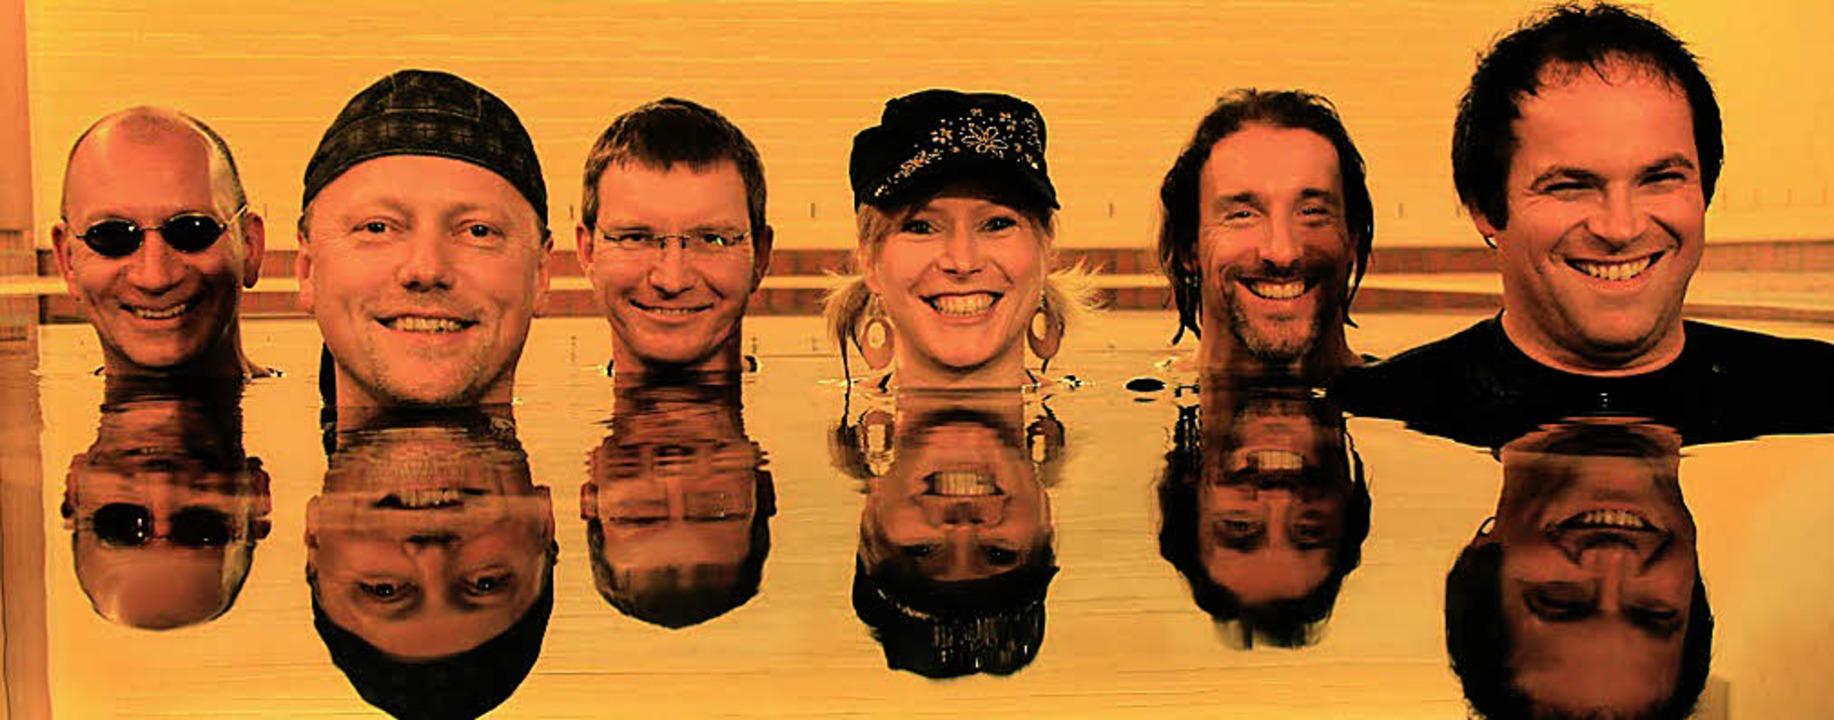 Stehen für niveauvolle Rock- und Popmusik: die Space-Pigs.  | Foto: Promo